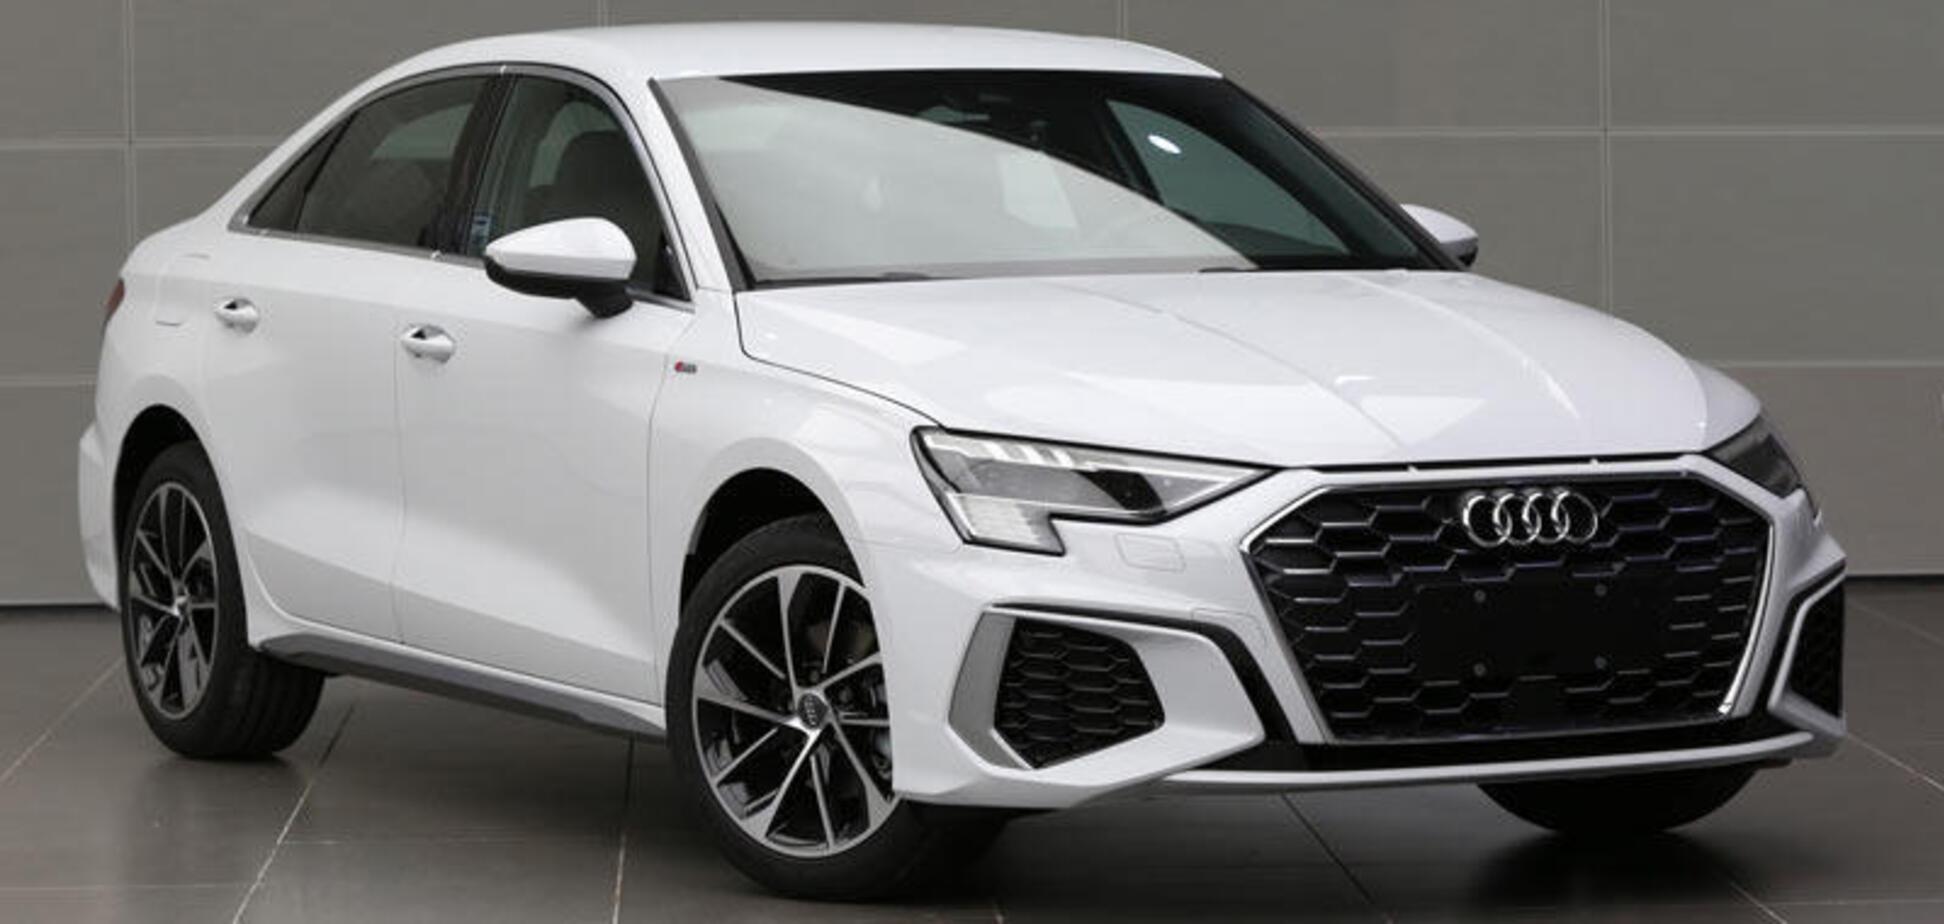 Новый седан Audi A3 удлинили для Китая